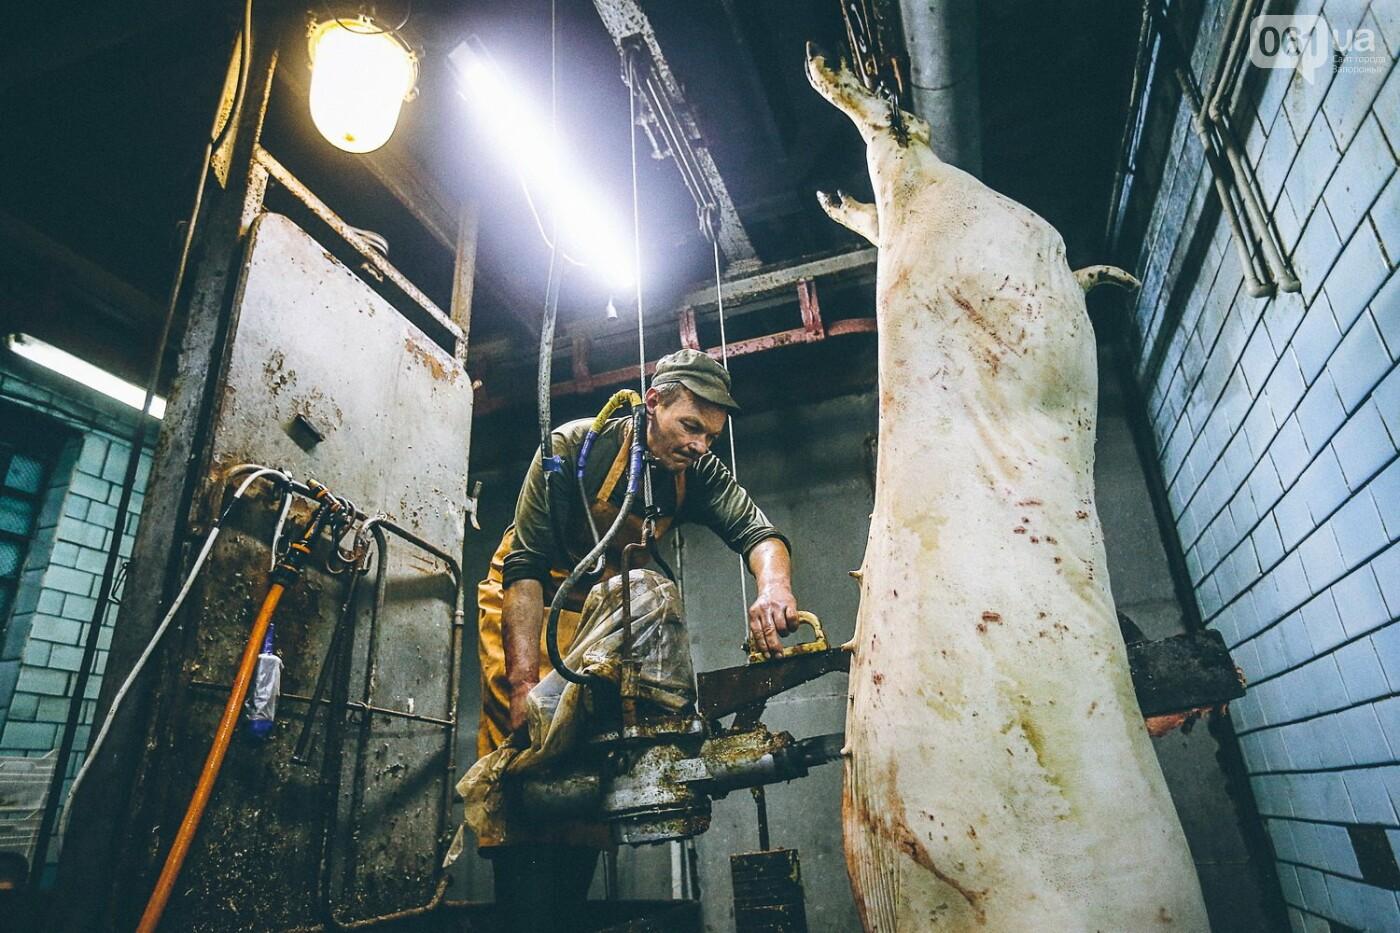 Забой скота в Украине приходит к европейским стандартам - ФОТОРЕПОРТАЖ 18+, фото-13